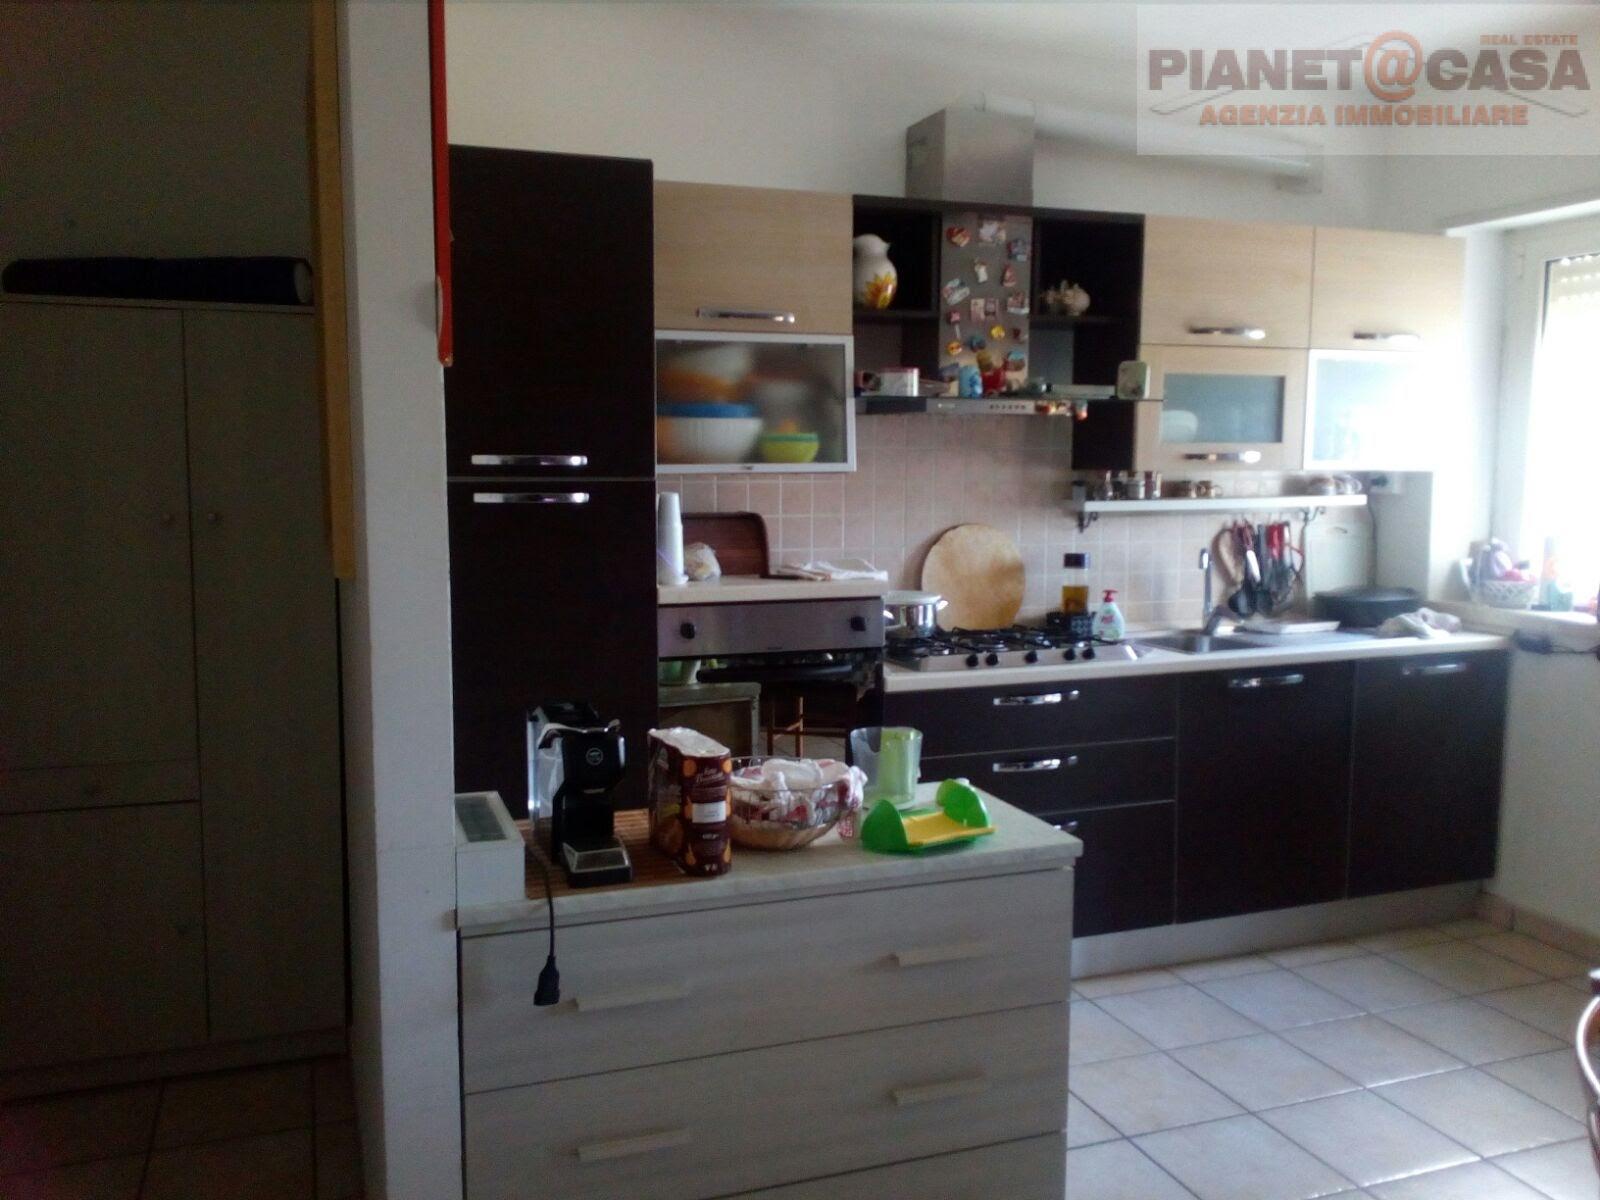 Appartamento in vendita a Castorano, 3 locali, zona Località: SANSILVESTRO, prezzo € 125.000 | CambioCasa.it